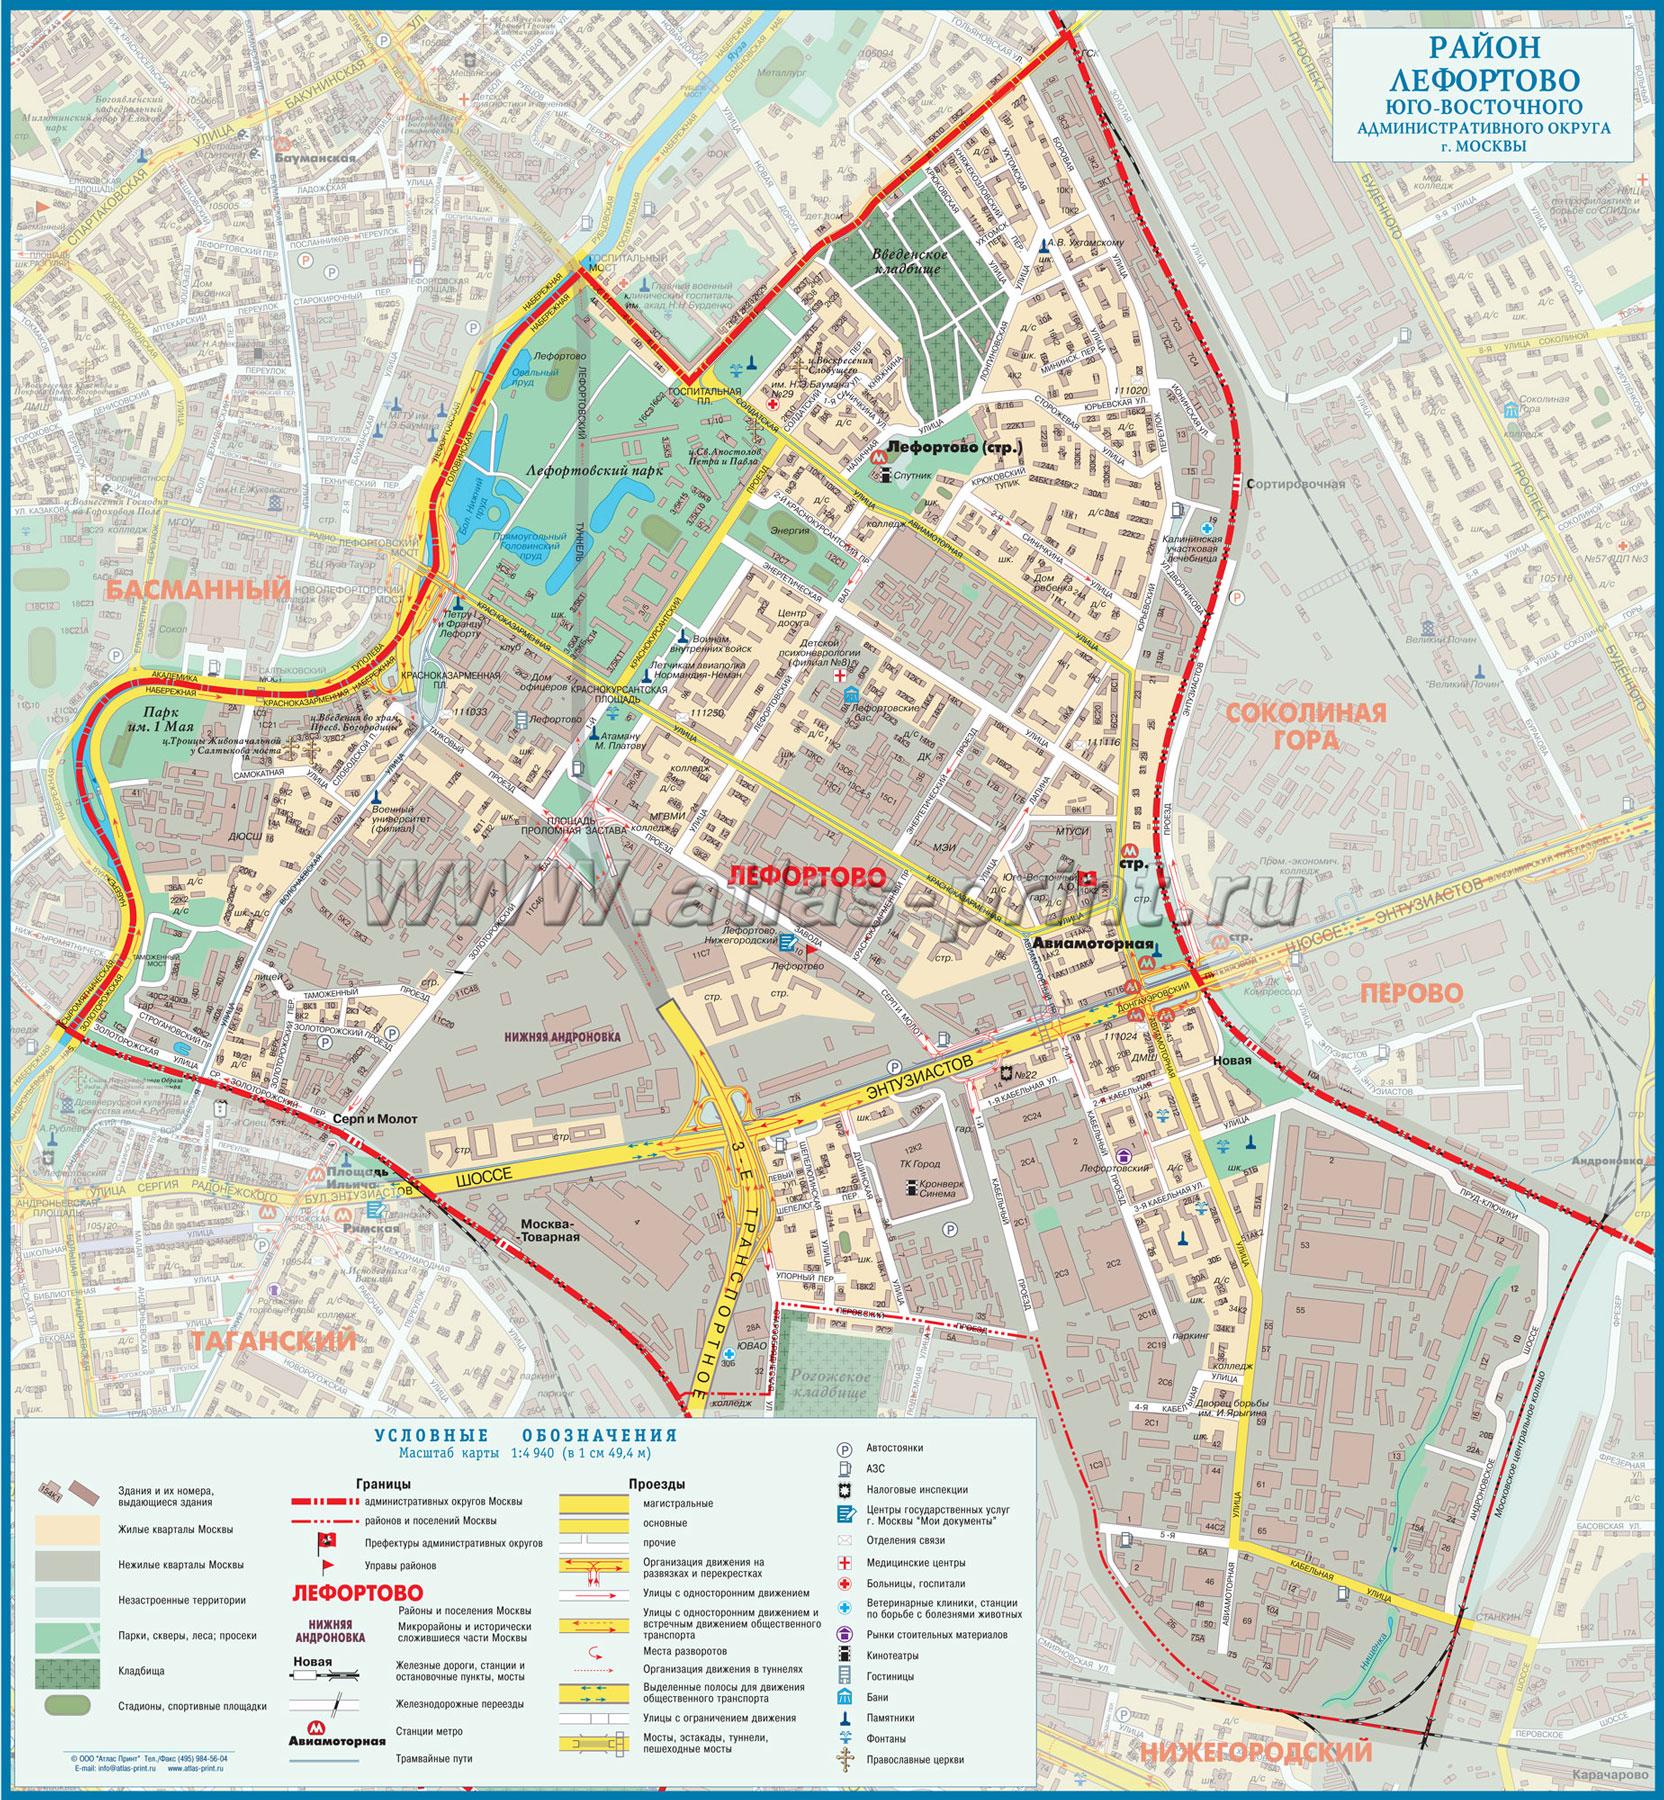 Настенная карта района Лефортово г.Москвы 0,92*1,00 м, ламинированная